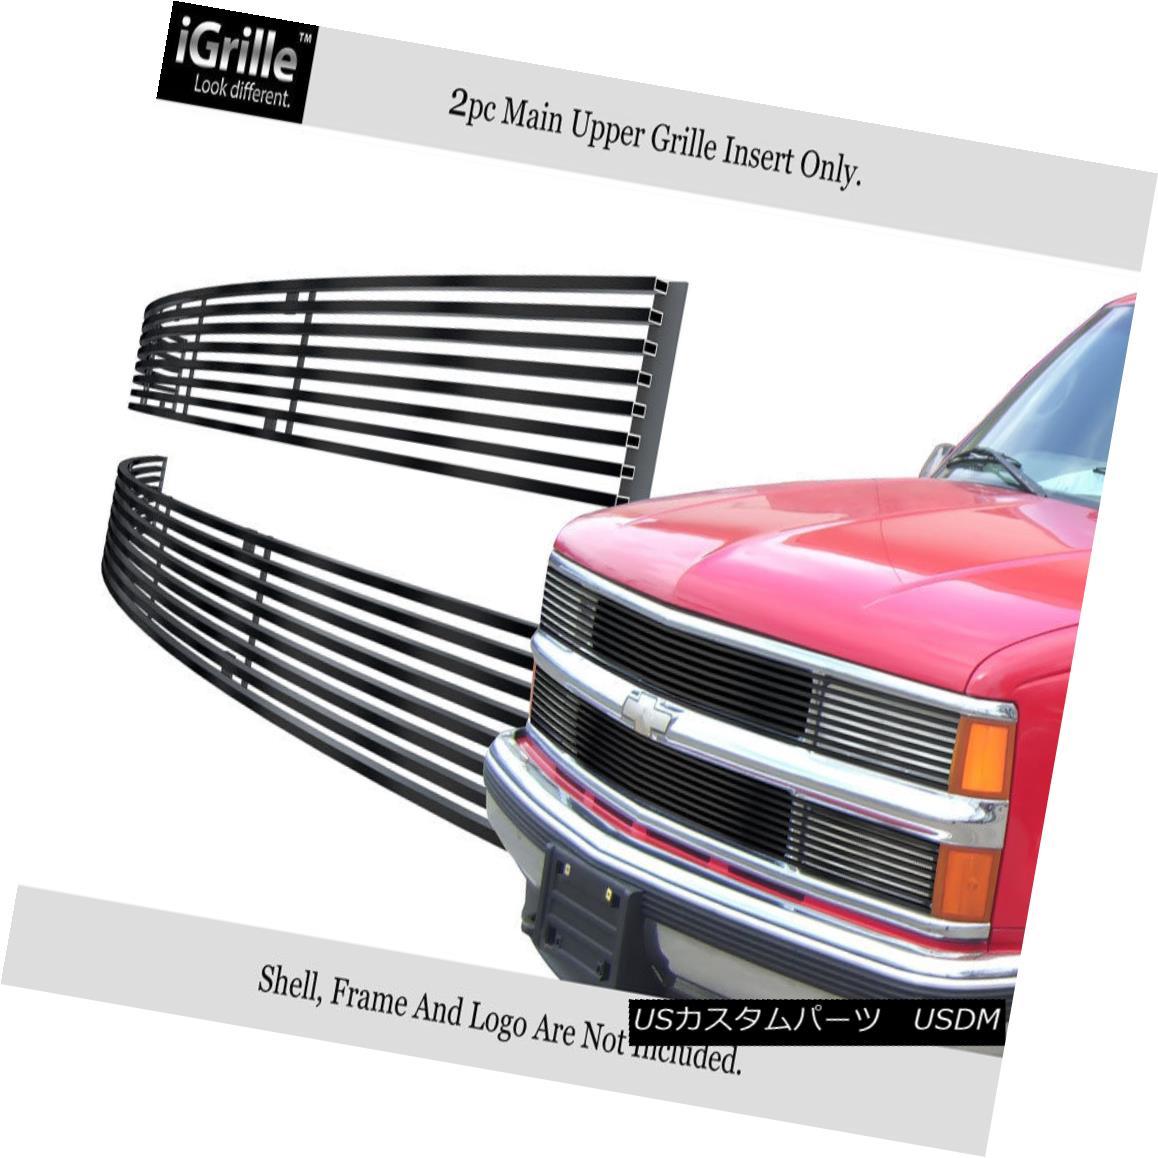 グリル 94-99 C/K Pickup/Suburban/Blazer/Tahoe Phantom Black Stainless Billet Grille 94-99 C / Kピックアップ/サブバー n /ブレイザー/タホファントムブラックステンレスビレットグリル